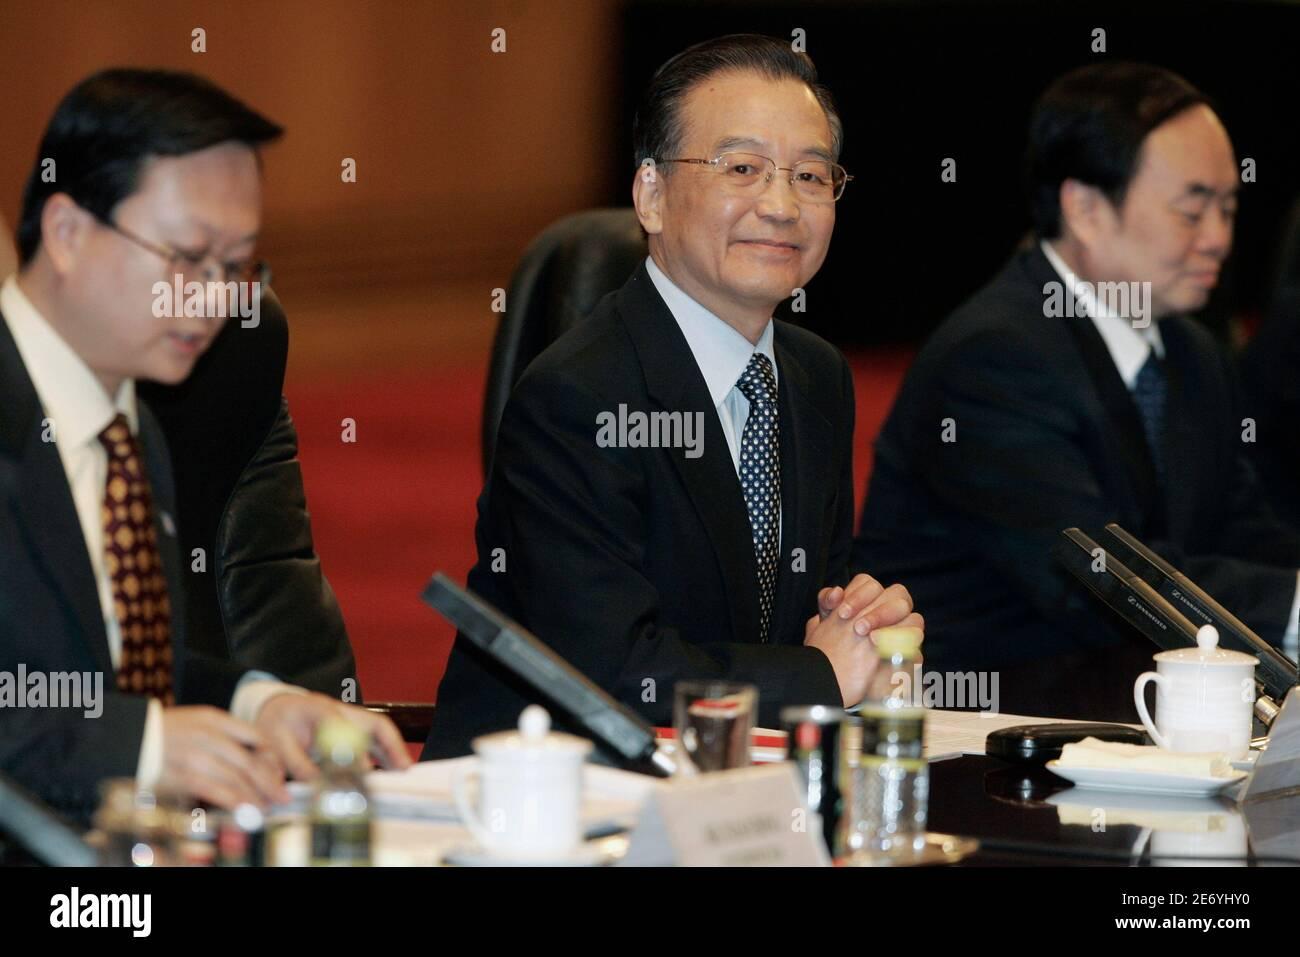 Der chinesische Premierminister Wen Jiabao (C) sitzt bei Gesprächen mit Portugals Premierminister Jose Sokrates in der Großen Volkshalle in Peking am 31. Januar 2007 mit nicht identifizierten chinesischen Beamten zusammen. REUTERS/Michael Reynolds/Pool (CHINA) Stockfoto